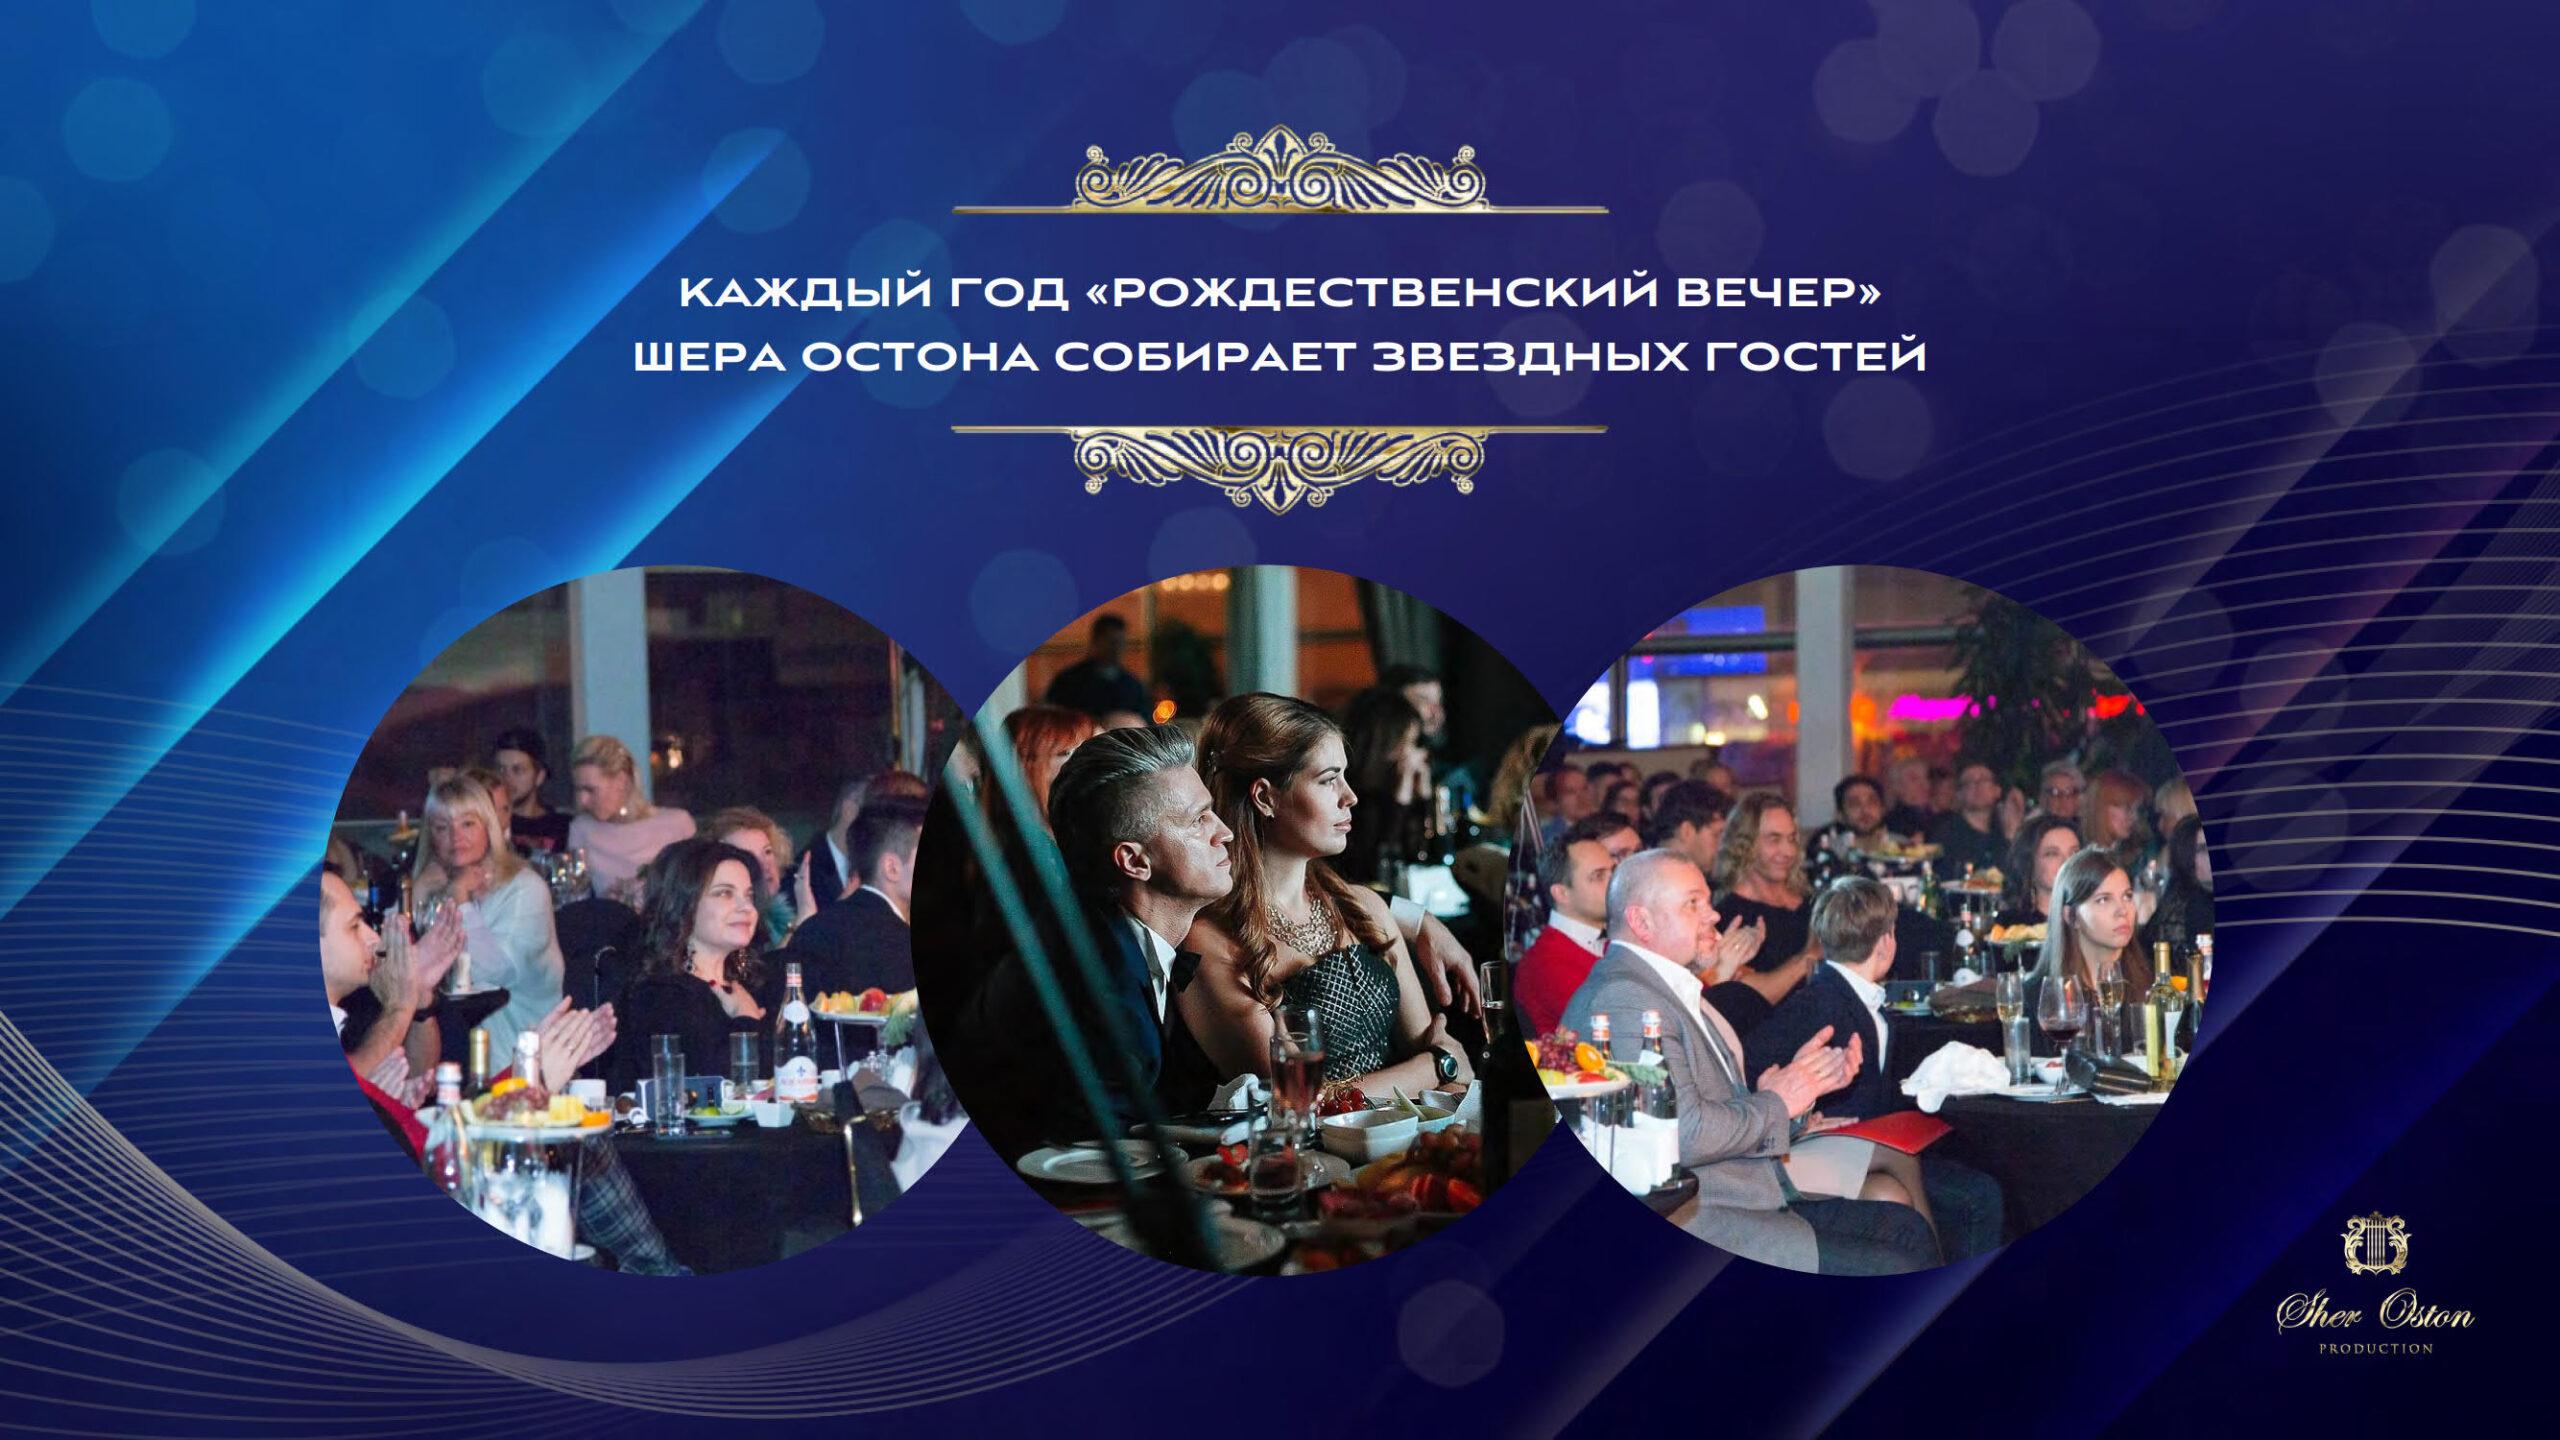 Презентация музыкального концерта «Рождественский вечер»